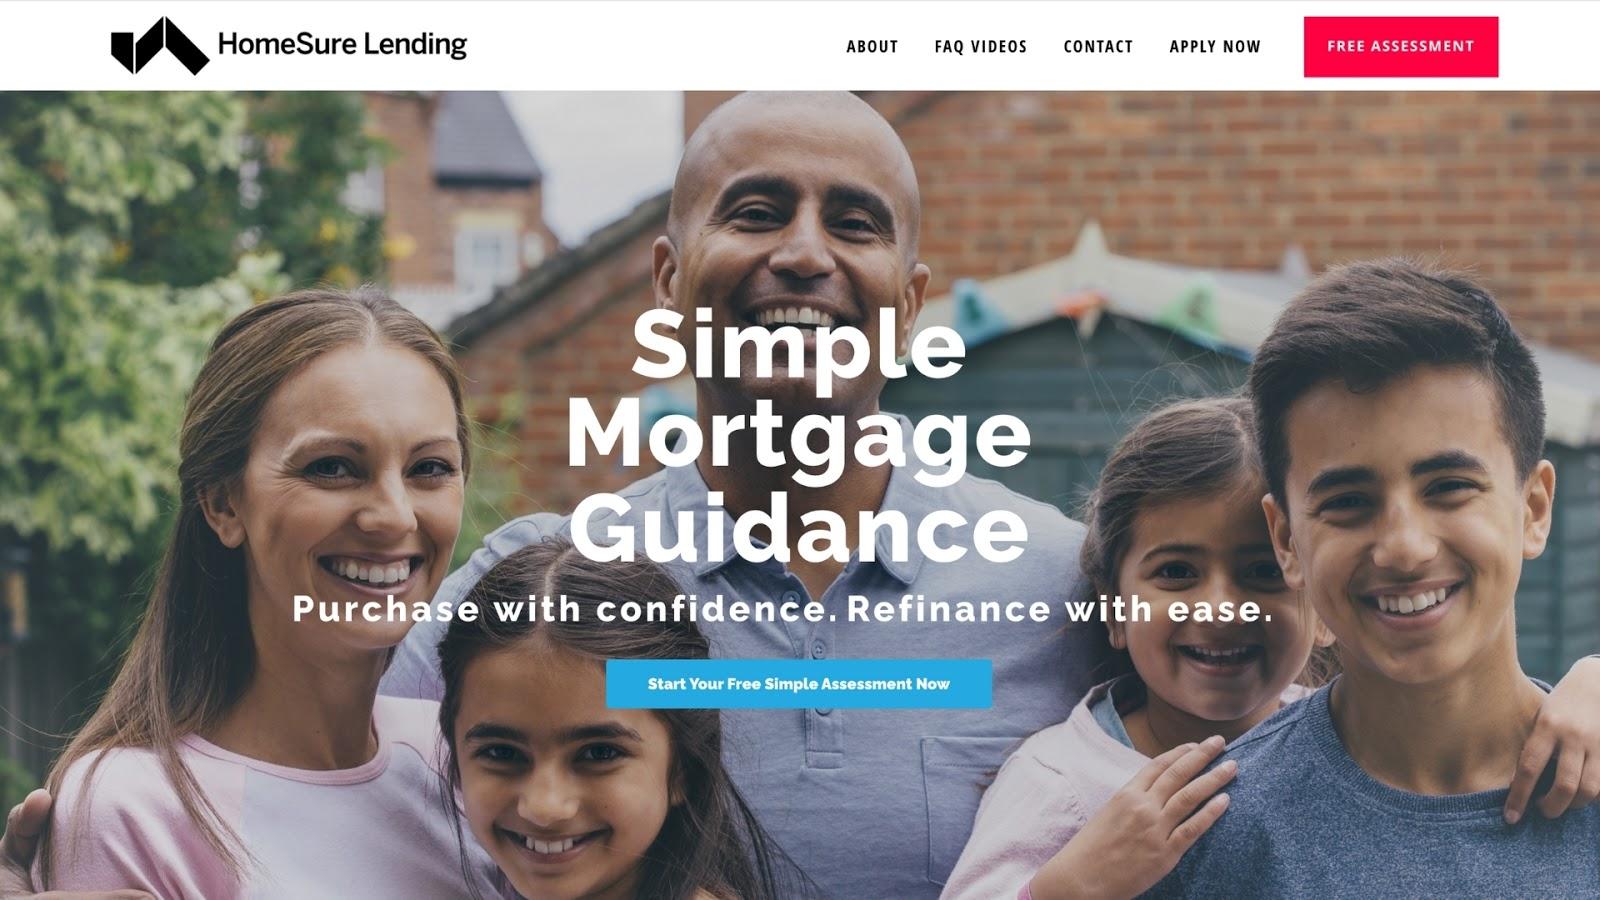 StoryBrand Lending Example